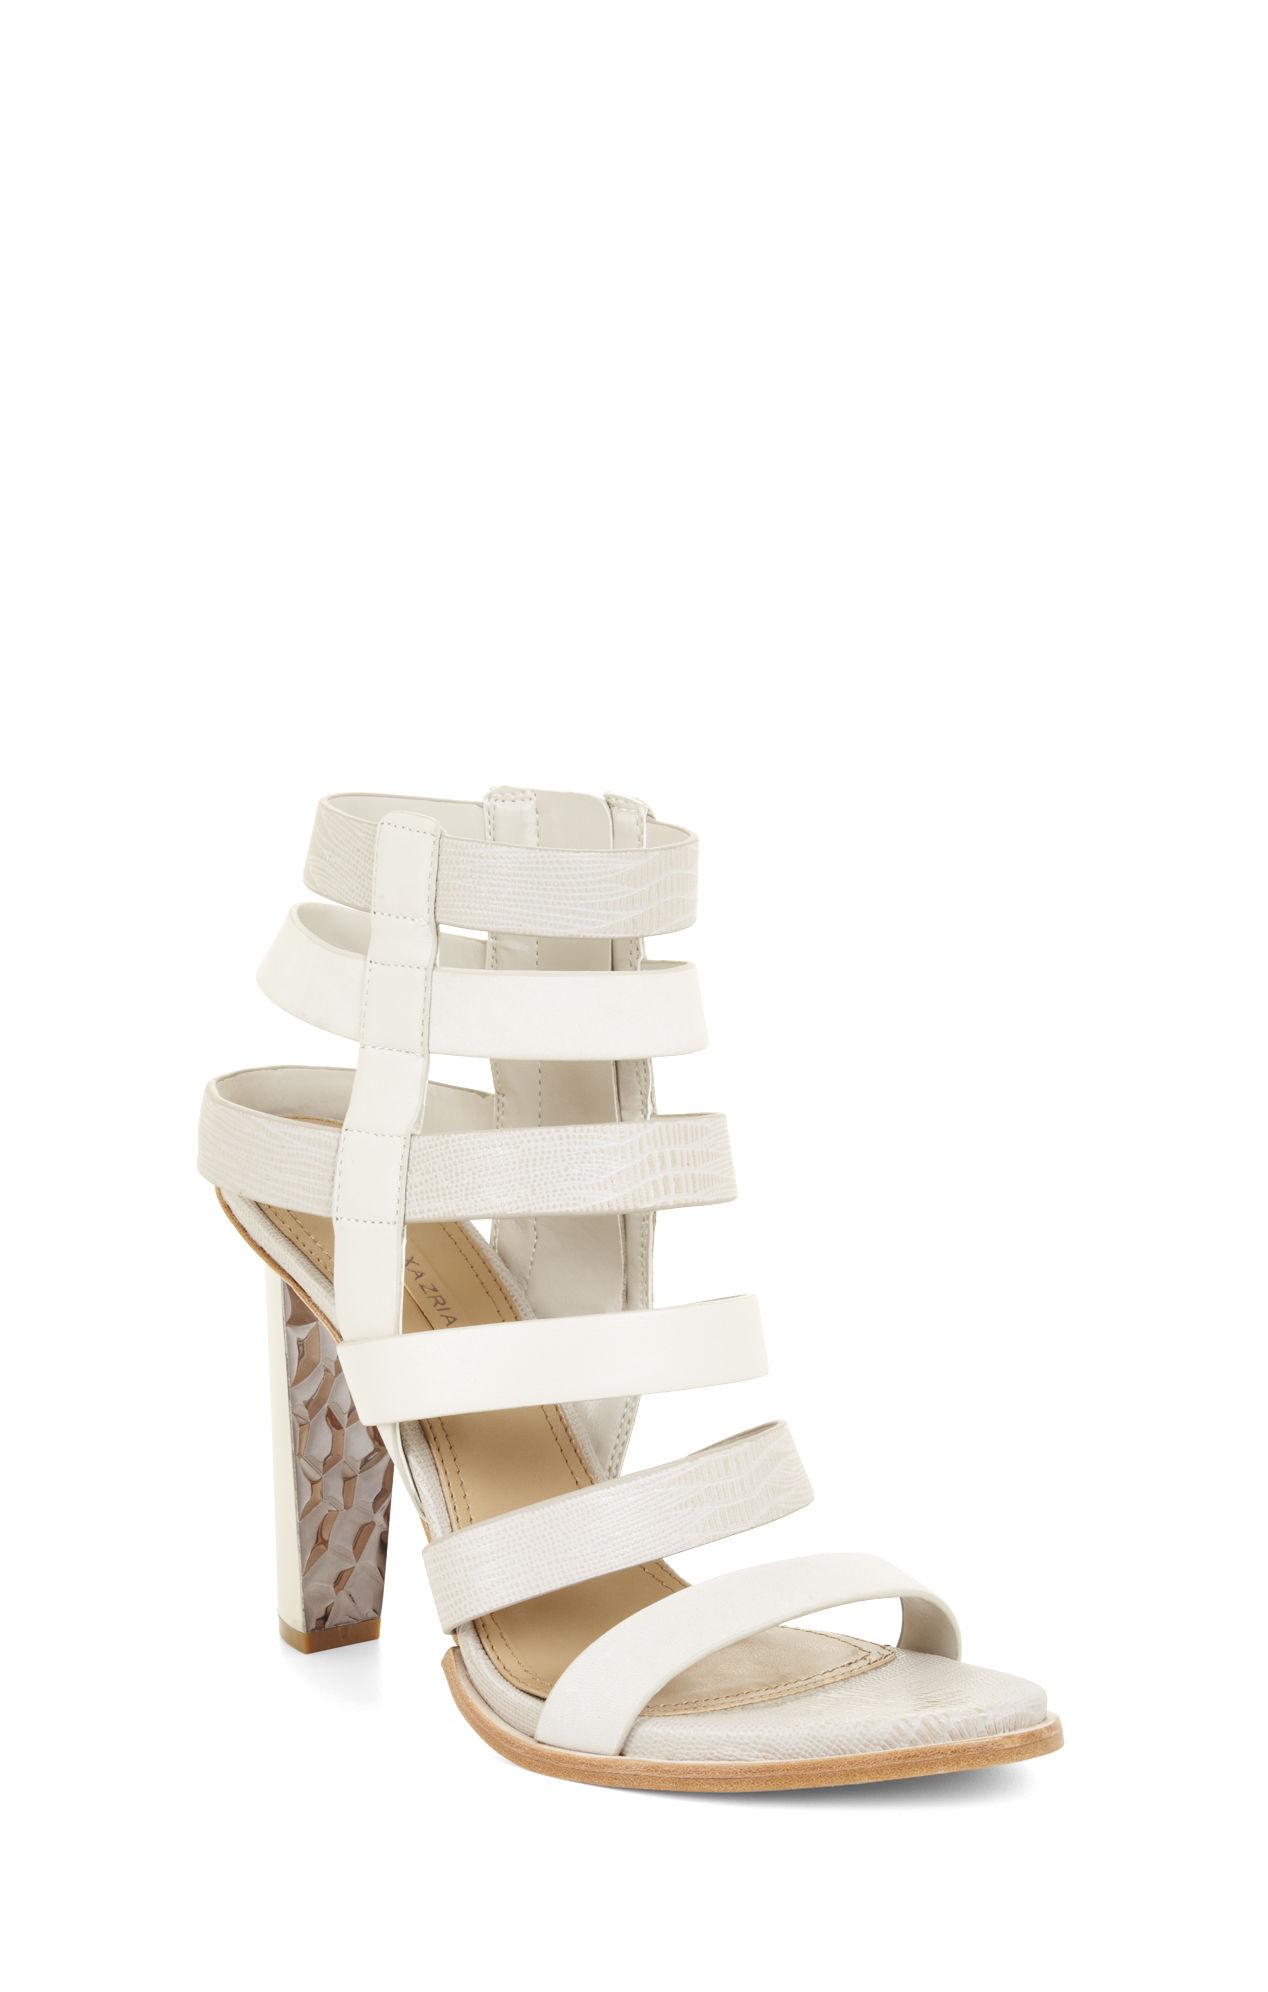 25bdff0de14d Lyst - BCBGMAXAZRIA Luke High-Heel Multi-Strap Day Sandal in White